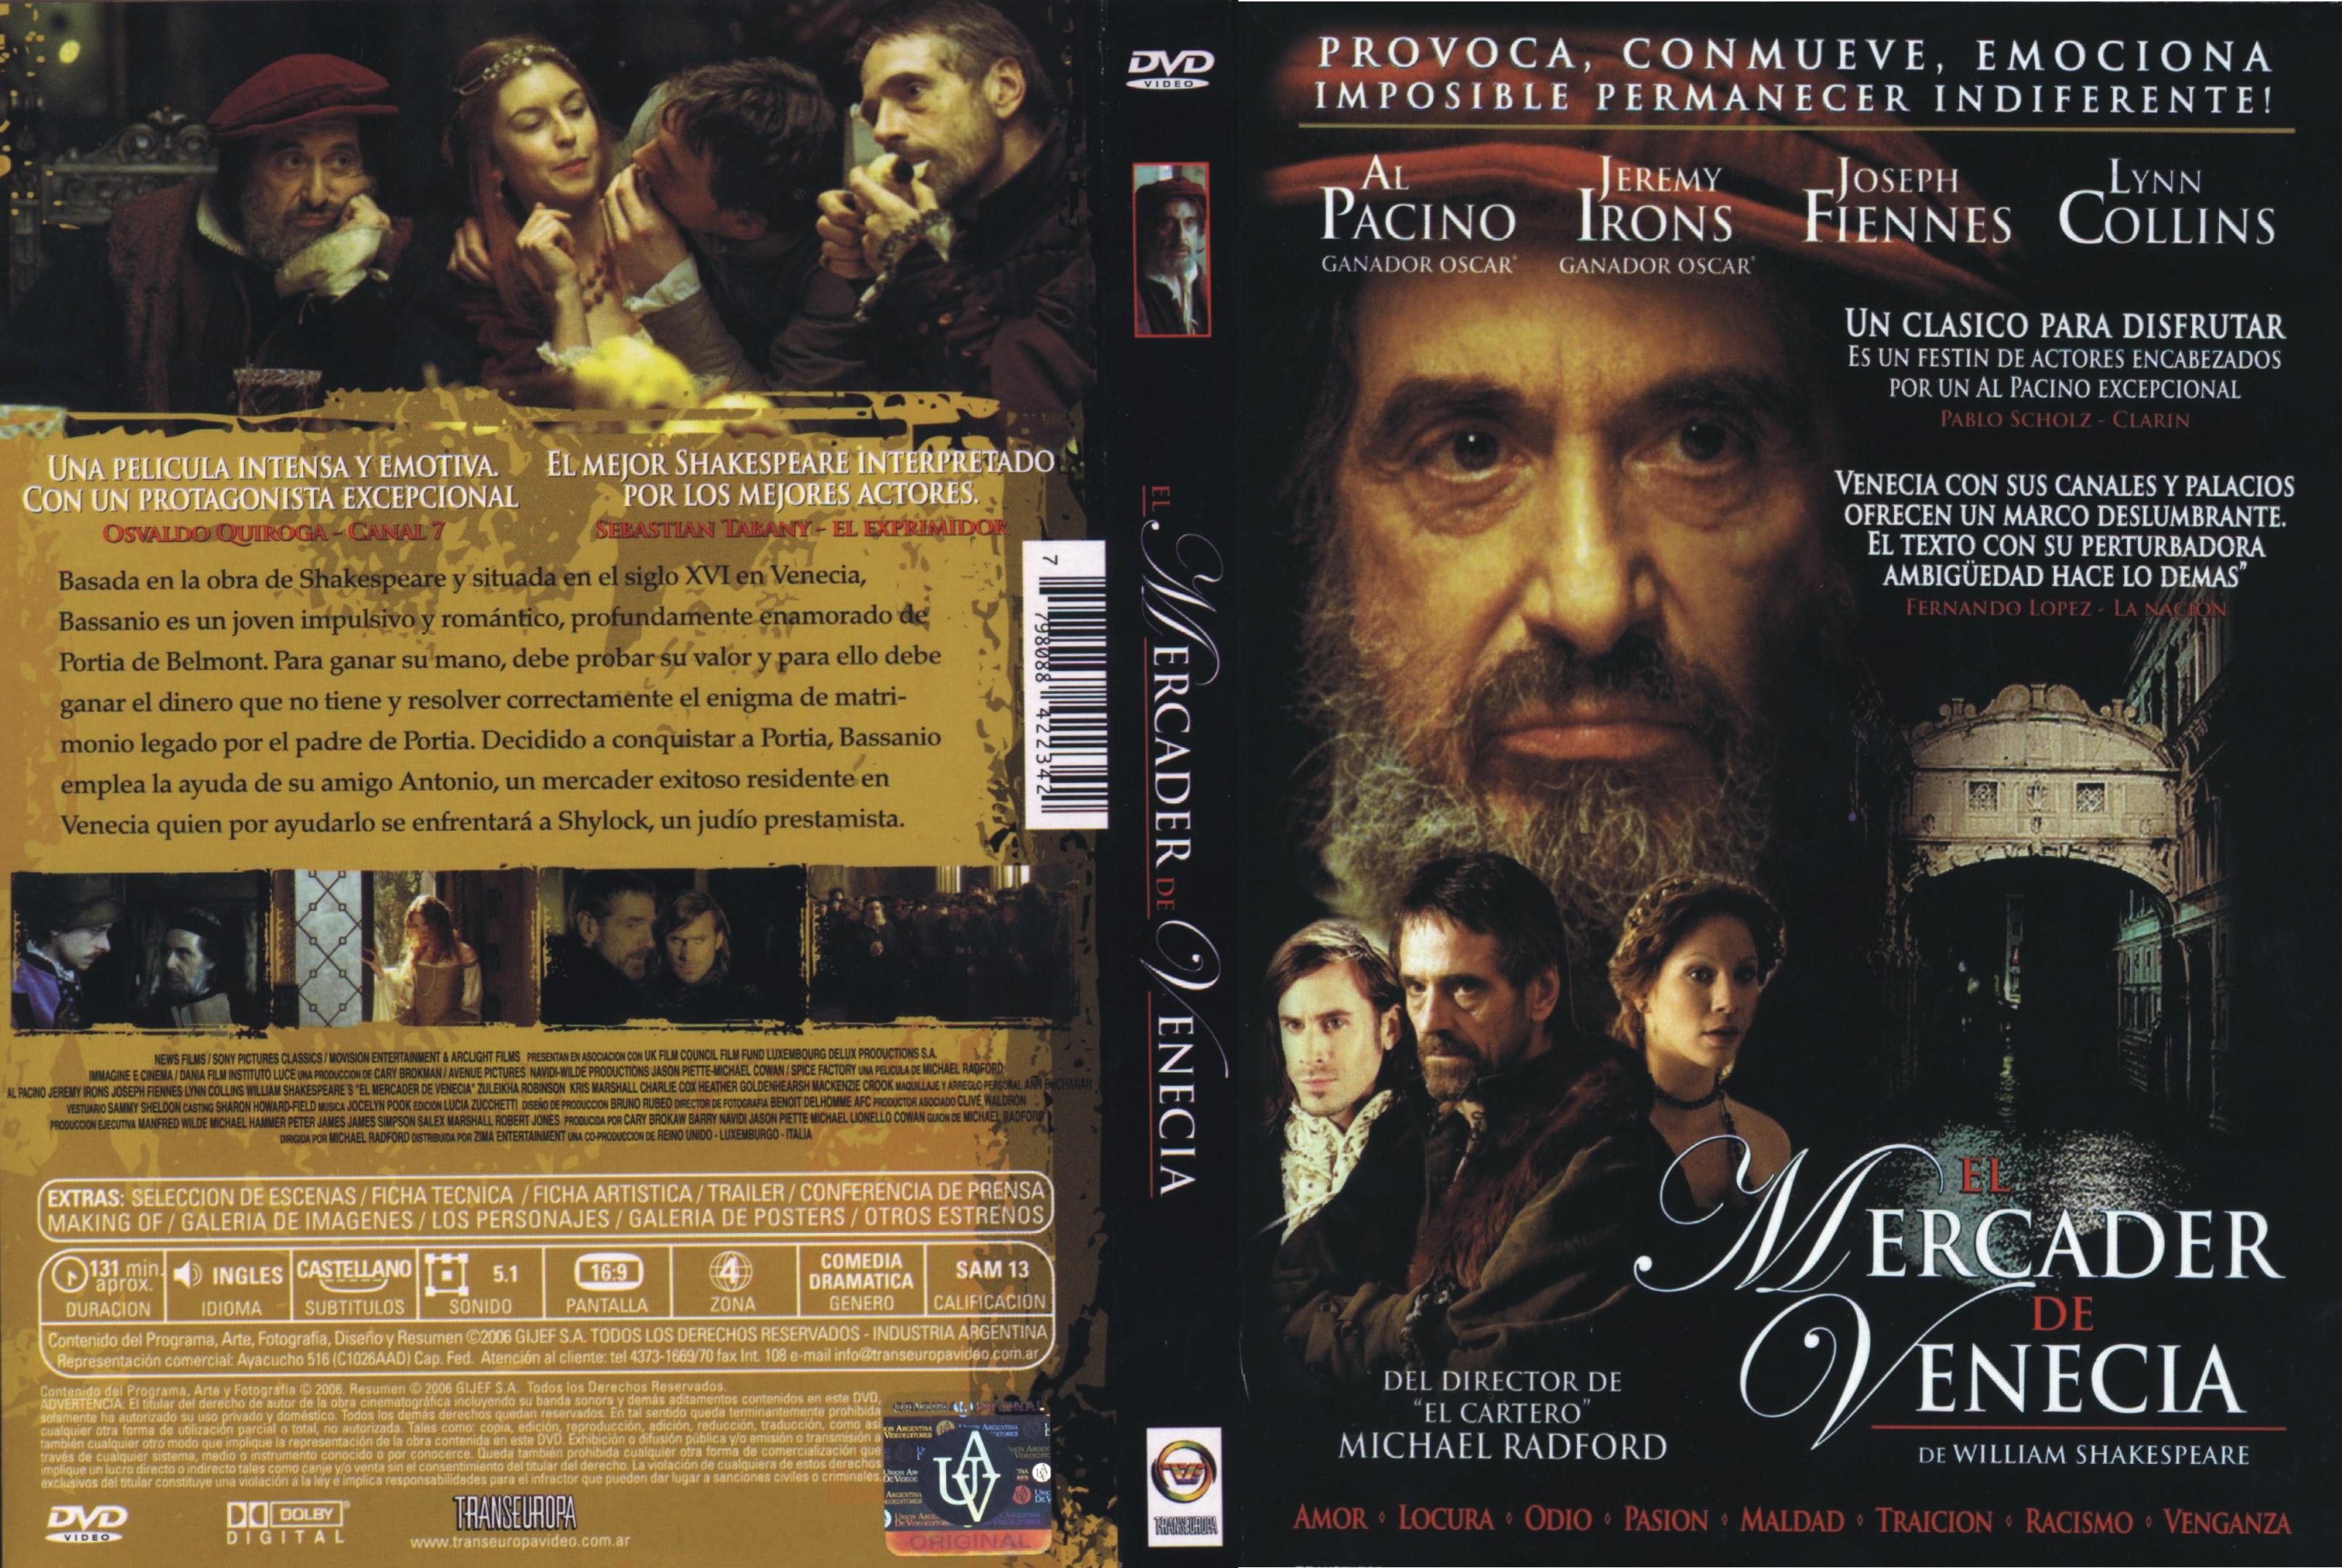 Theplanetdvd descargando con manu pelis dvd full latino for El mercader de venecia